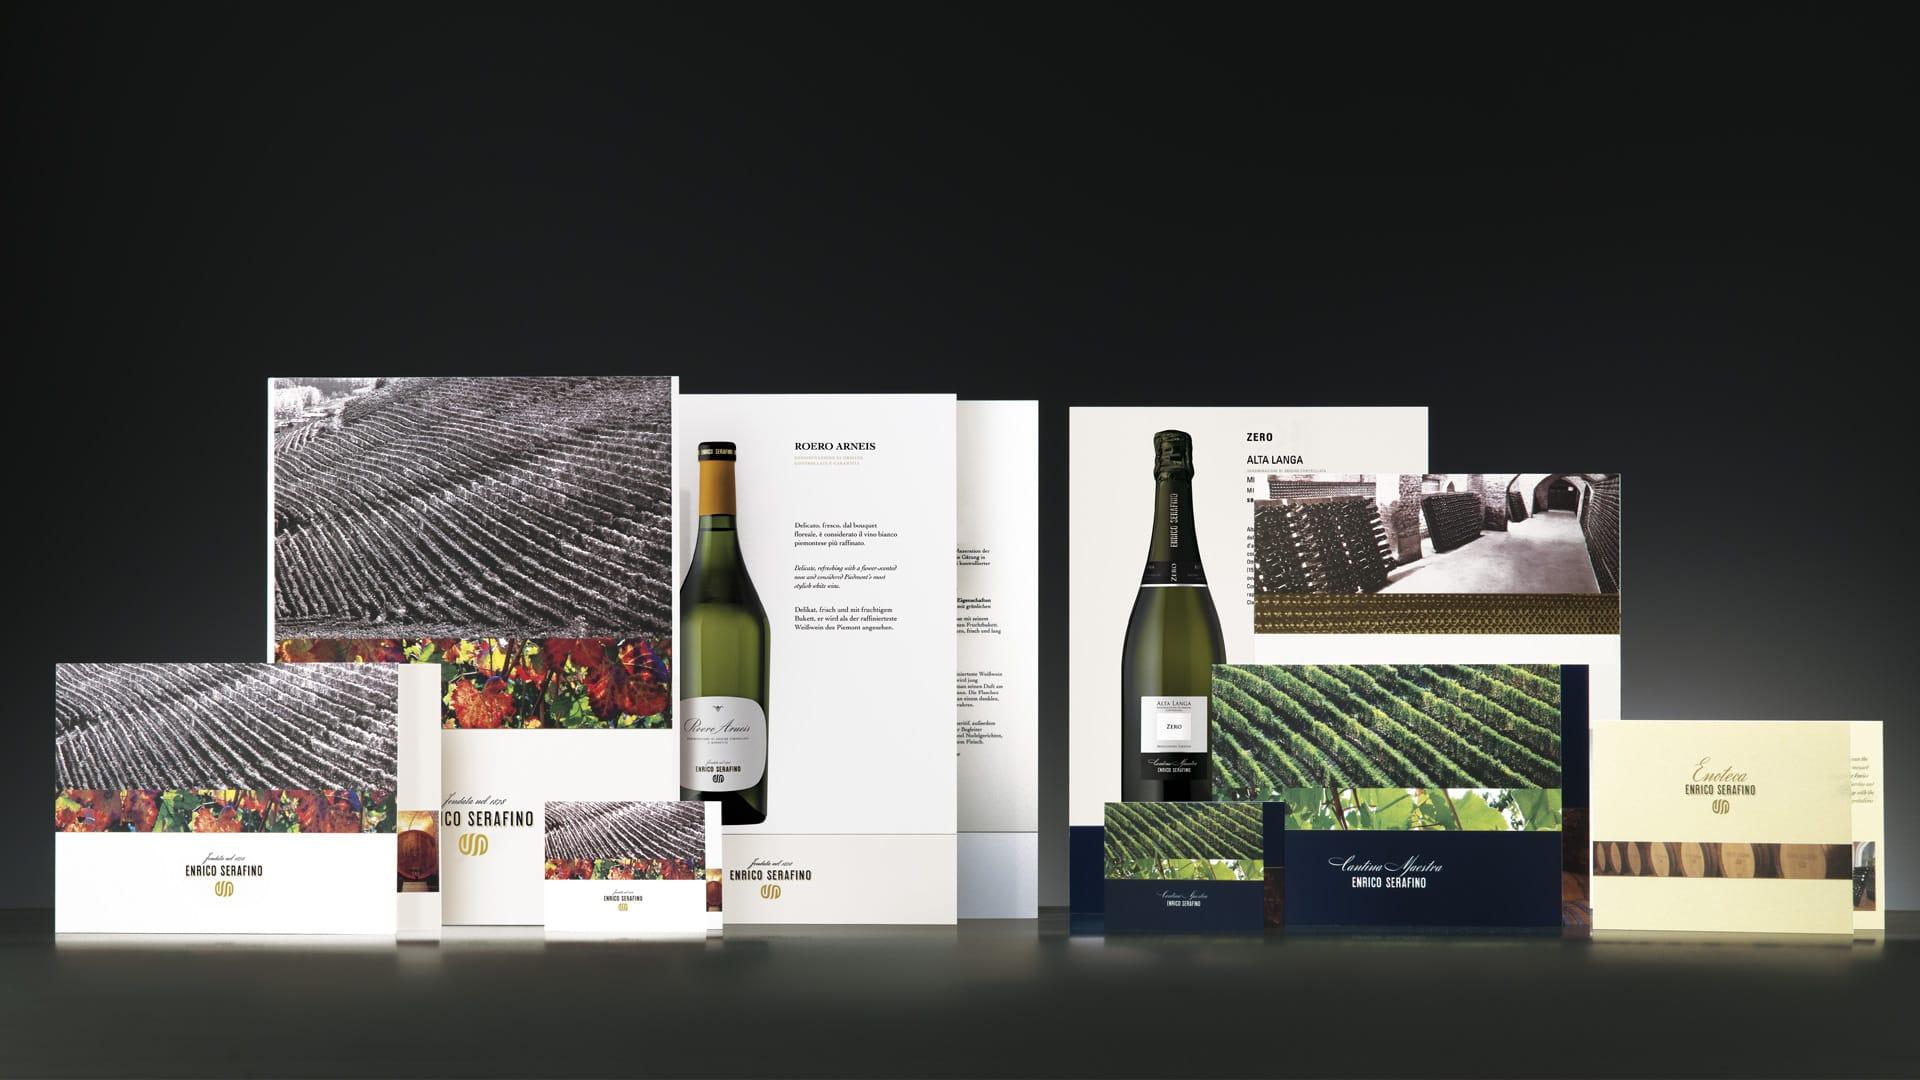 Enrico Serafino coordinati global design